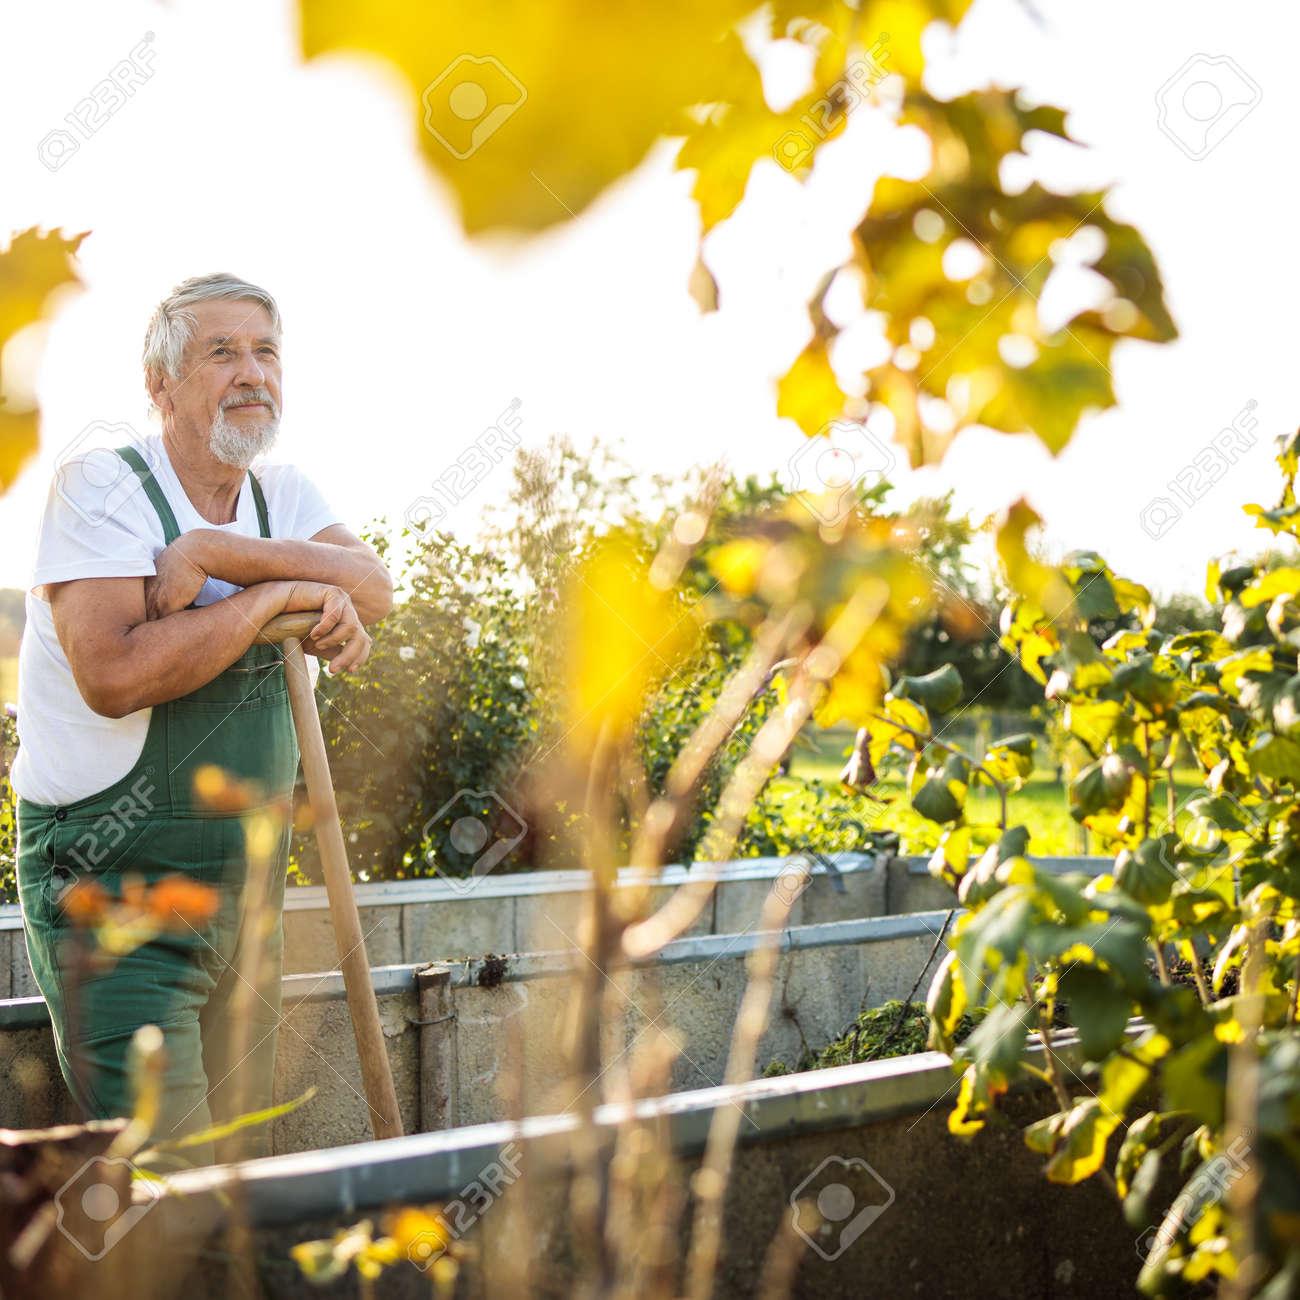 Senior gardenr gardening in his permaculture garden - 171623544